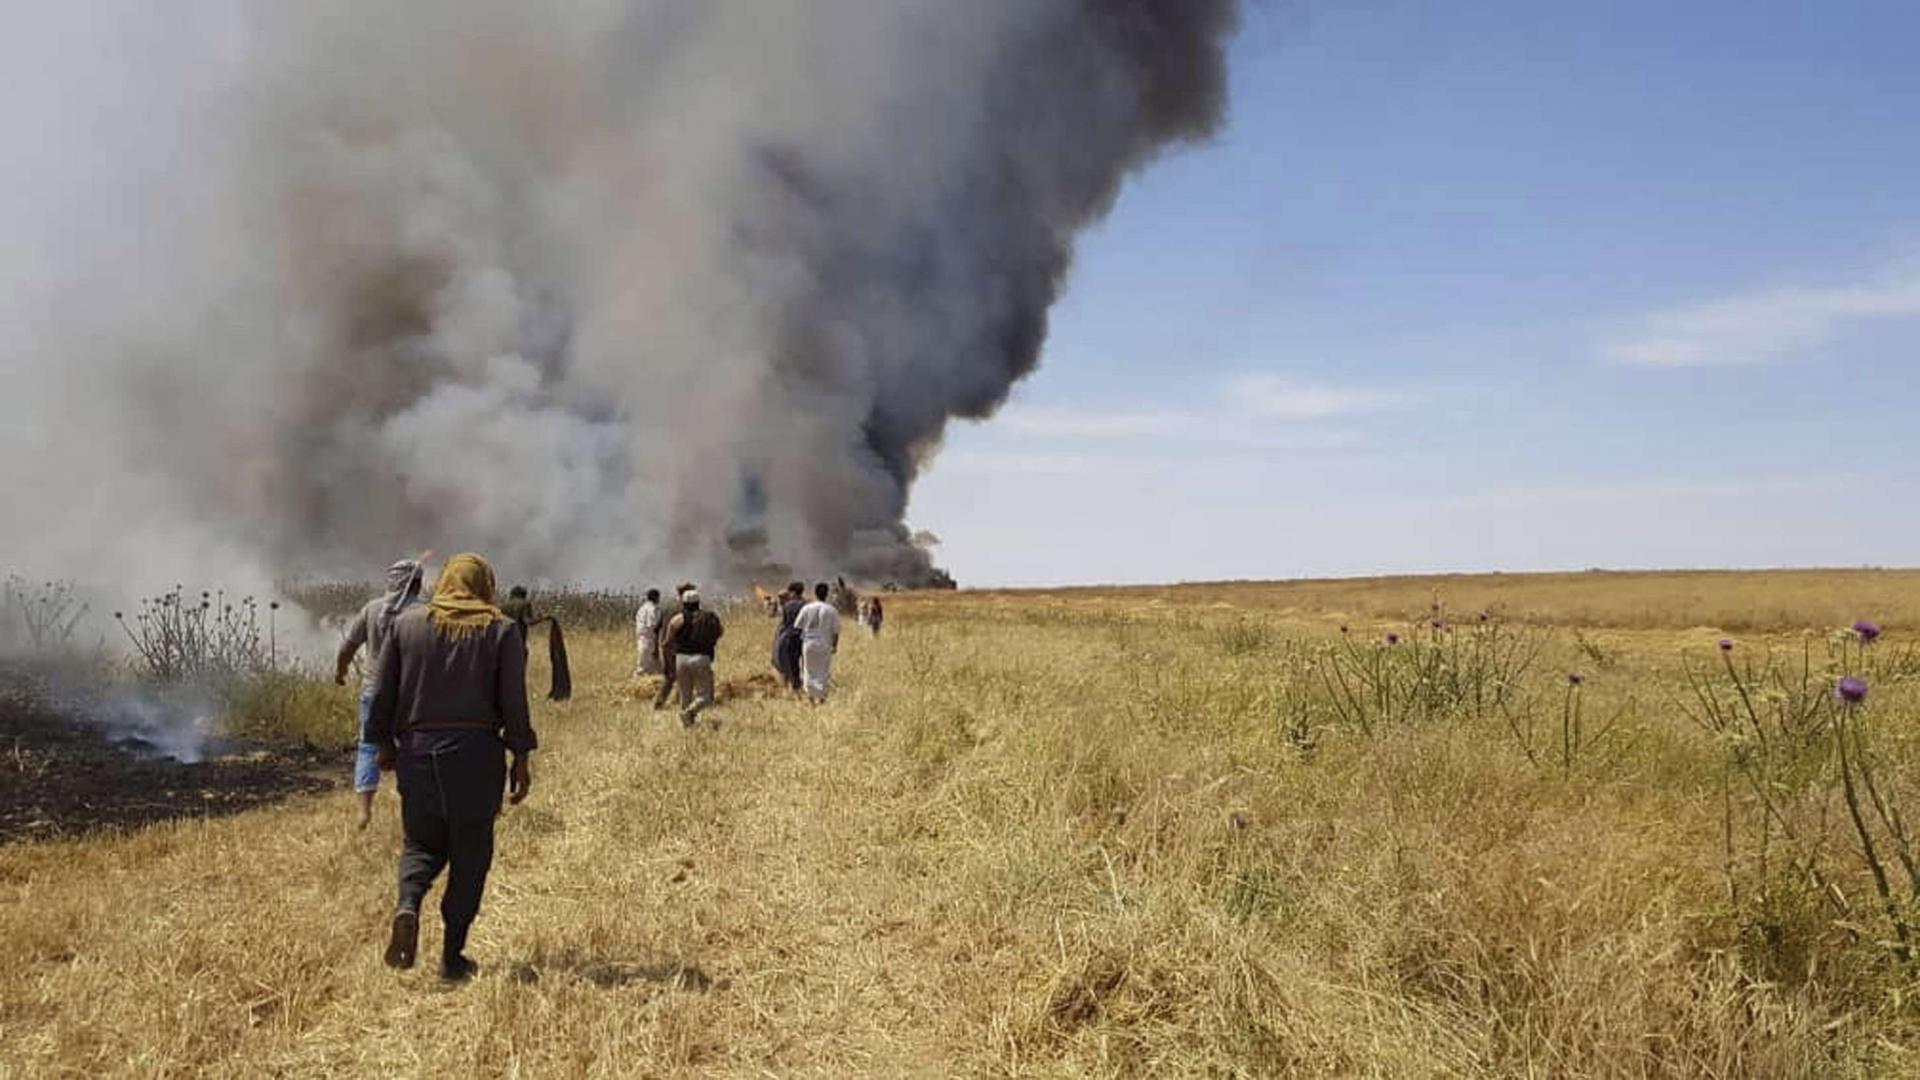 ISIS burns more than ten dunams of wheat in Diyala